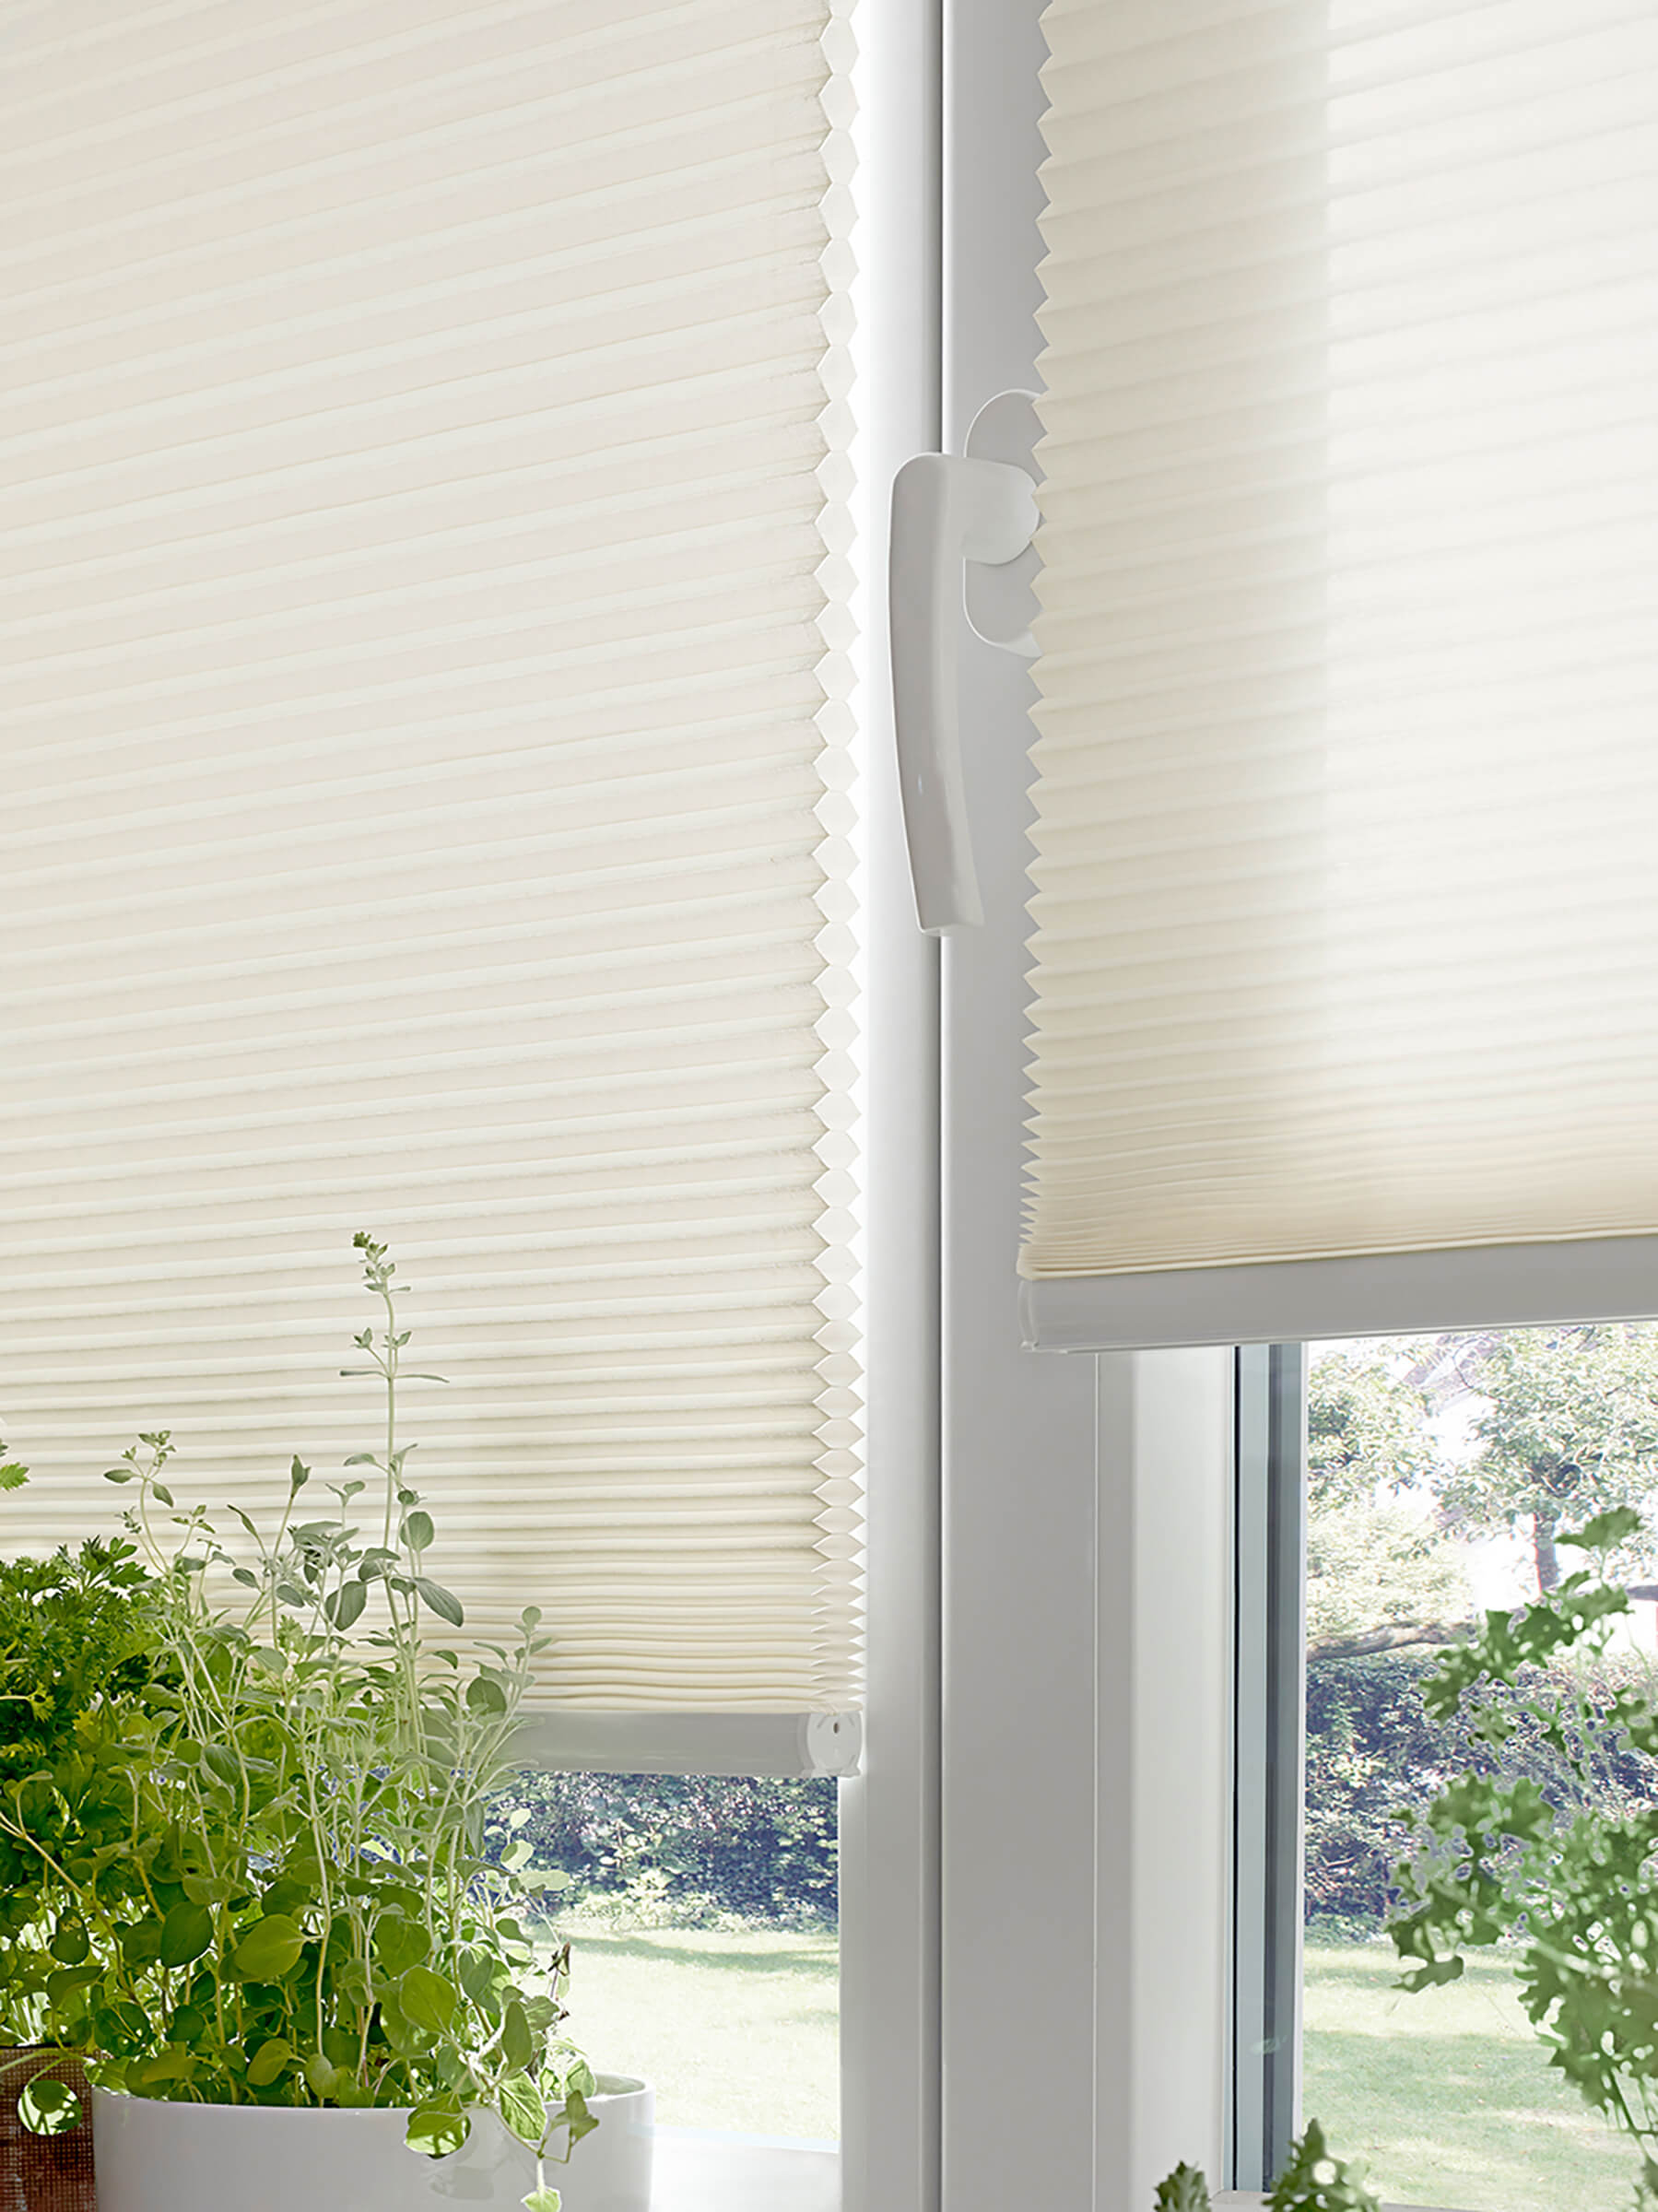 Wabenplissees freihängend mit Schnurzug Wabe im Detail am Fenster